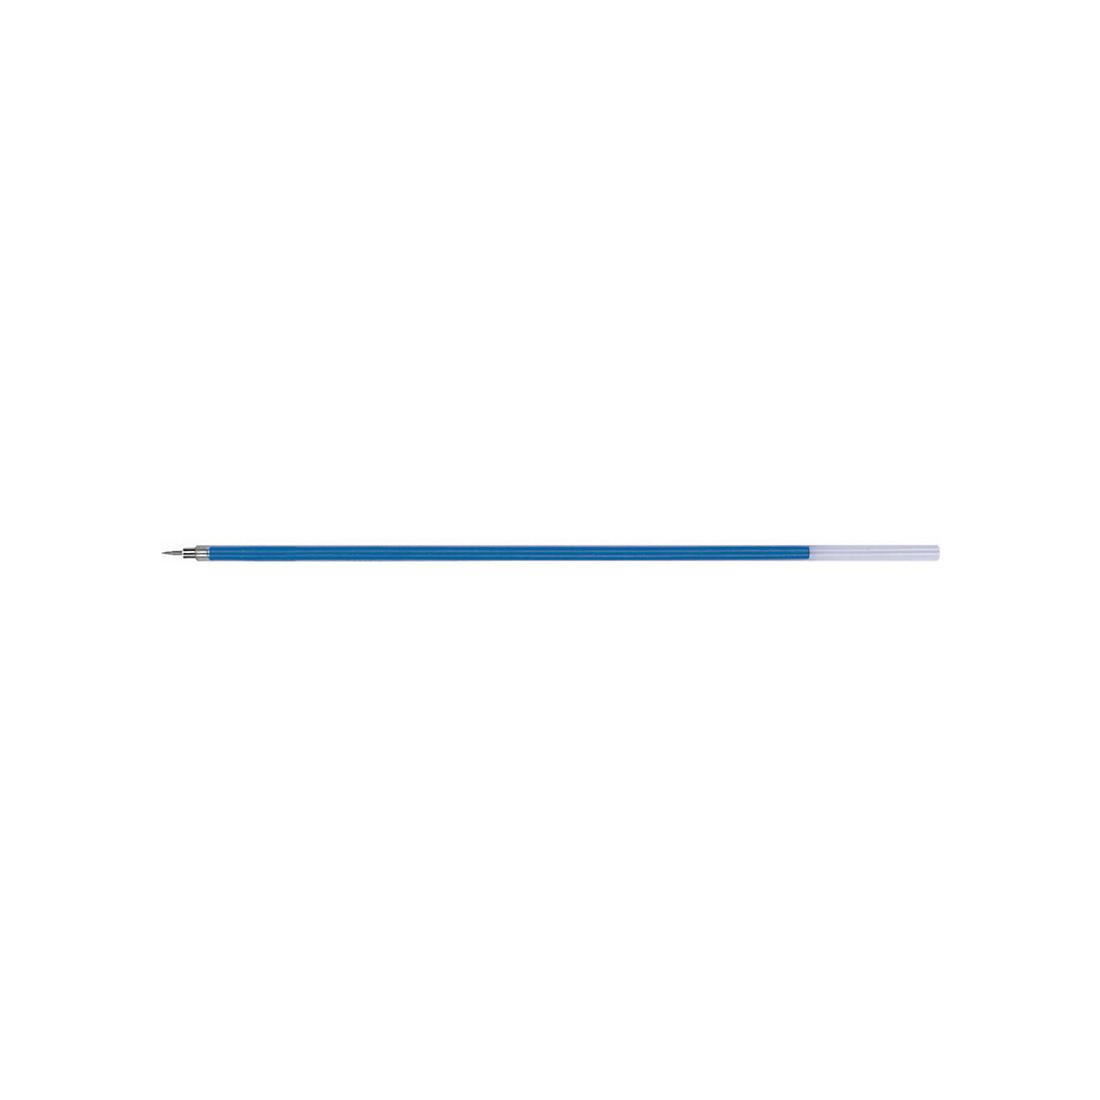 Стержень шариковый 0.7 ErichKrause® 21508 140мм для ручек серии ULTRA цвет чернил синий (инд. пакеты в коробке